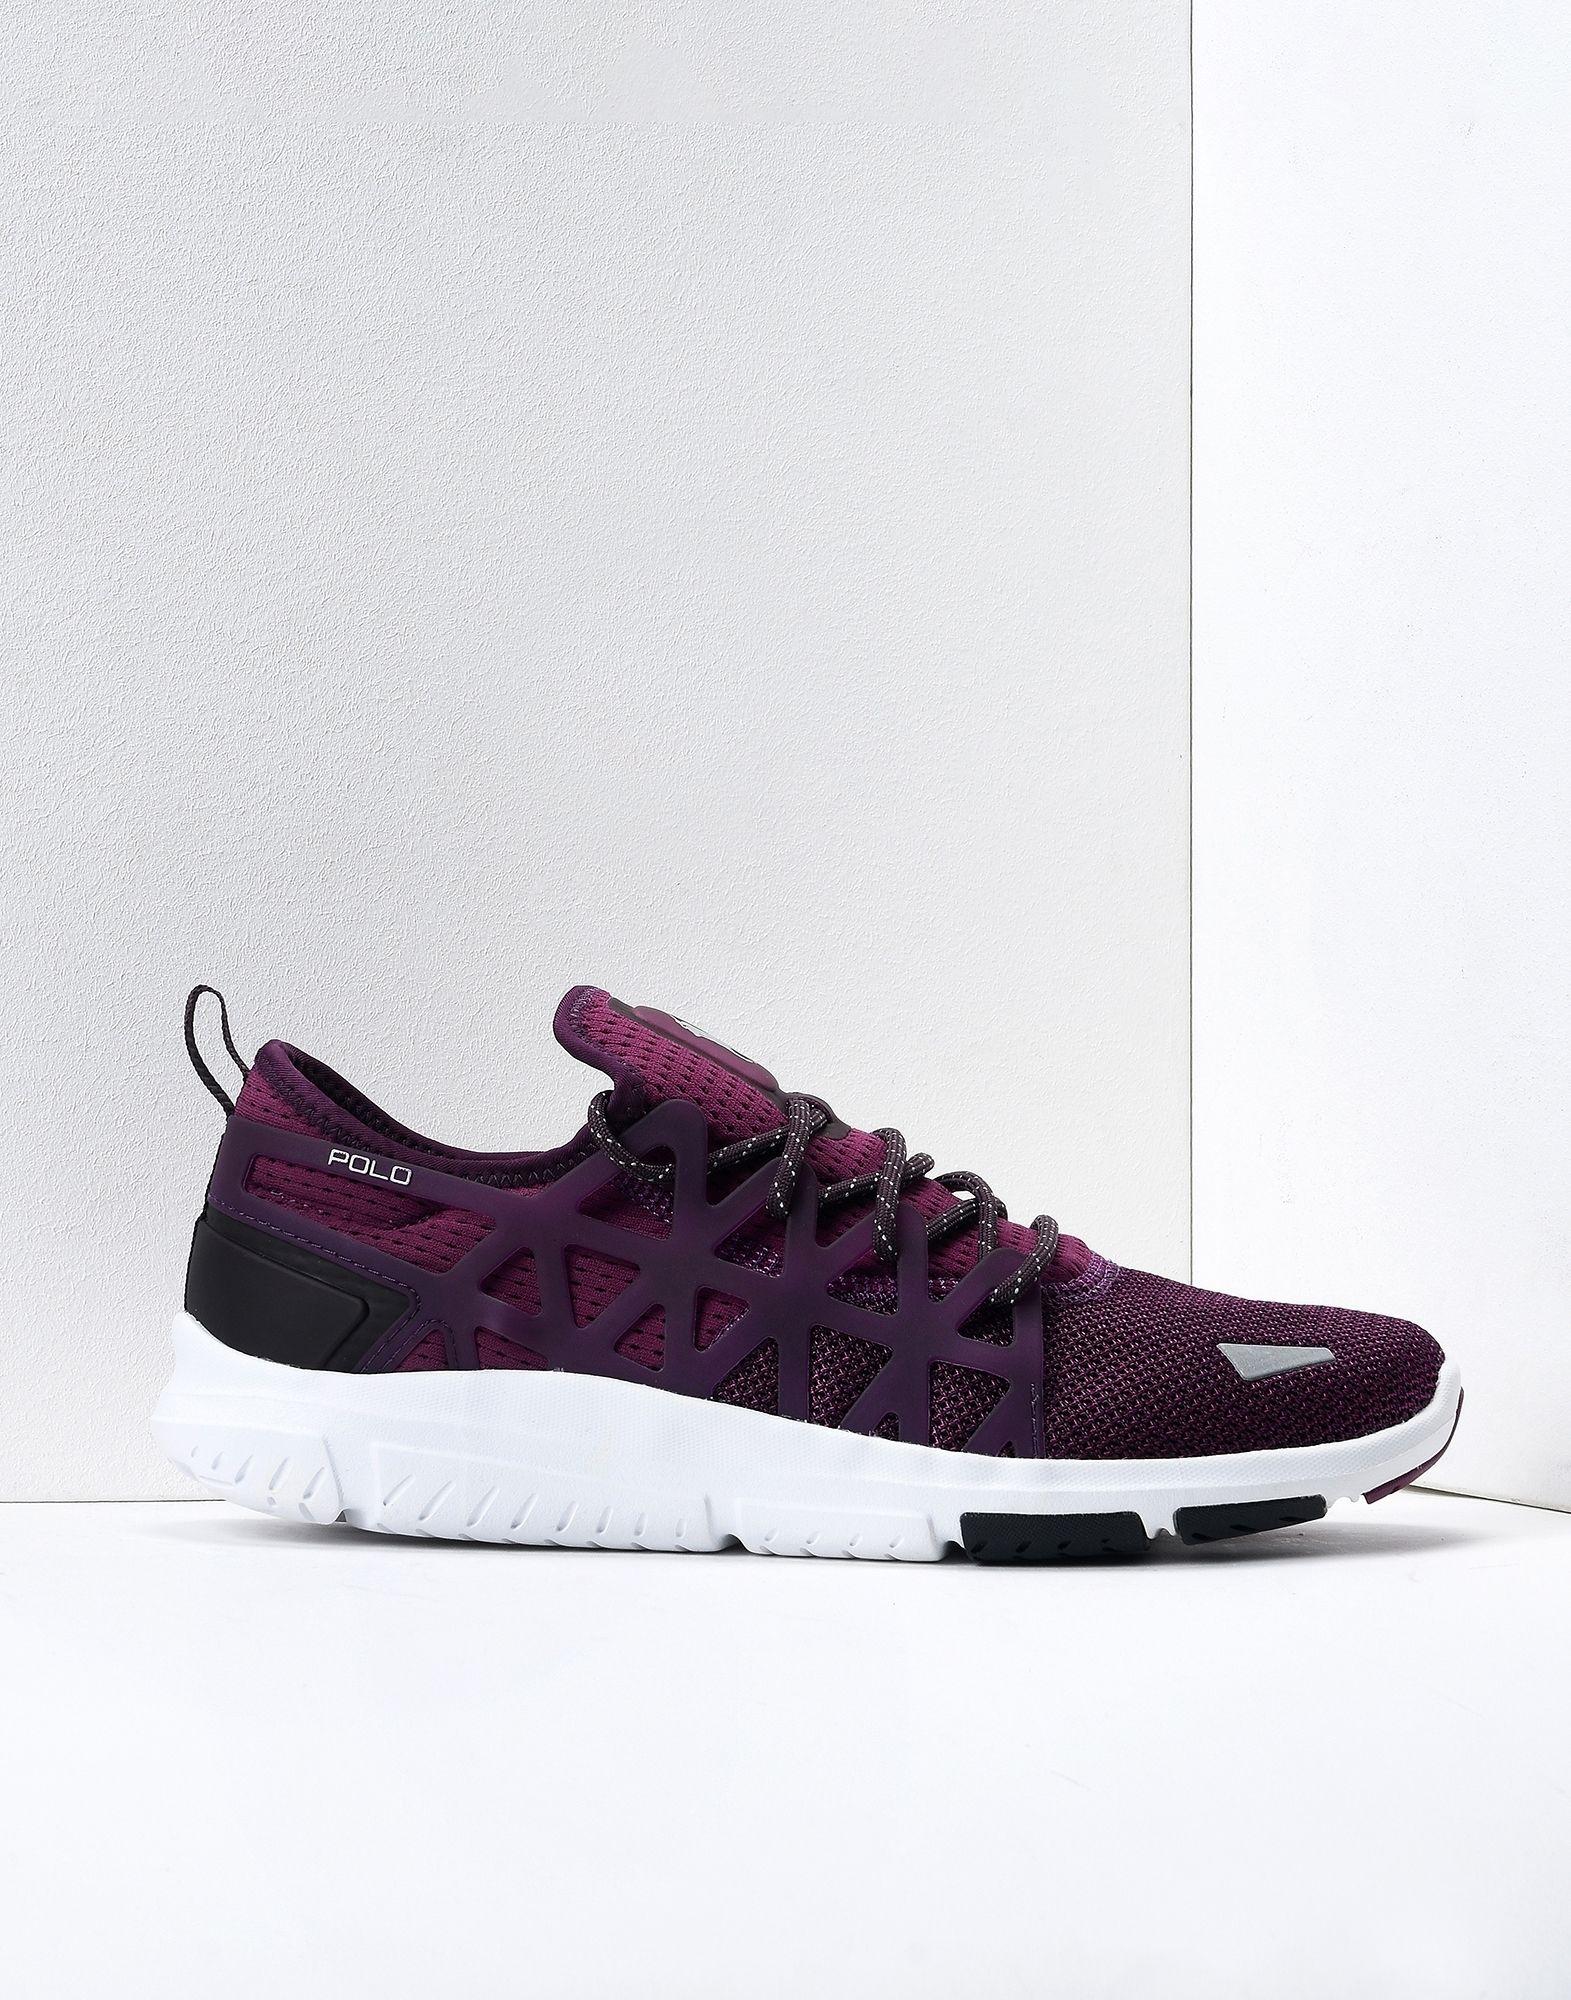 Polo Ralph Lauren Lauren Ralph Sneakers Damen  11455399KS eead0f